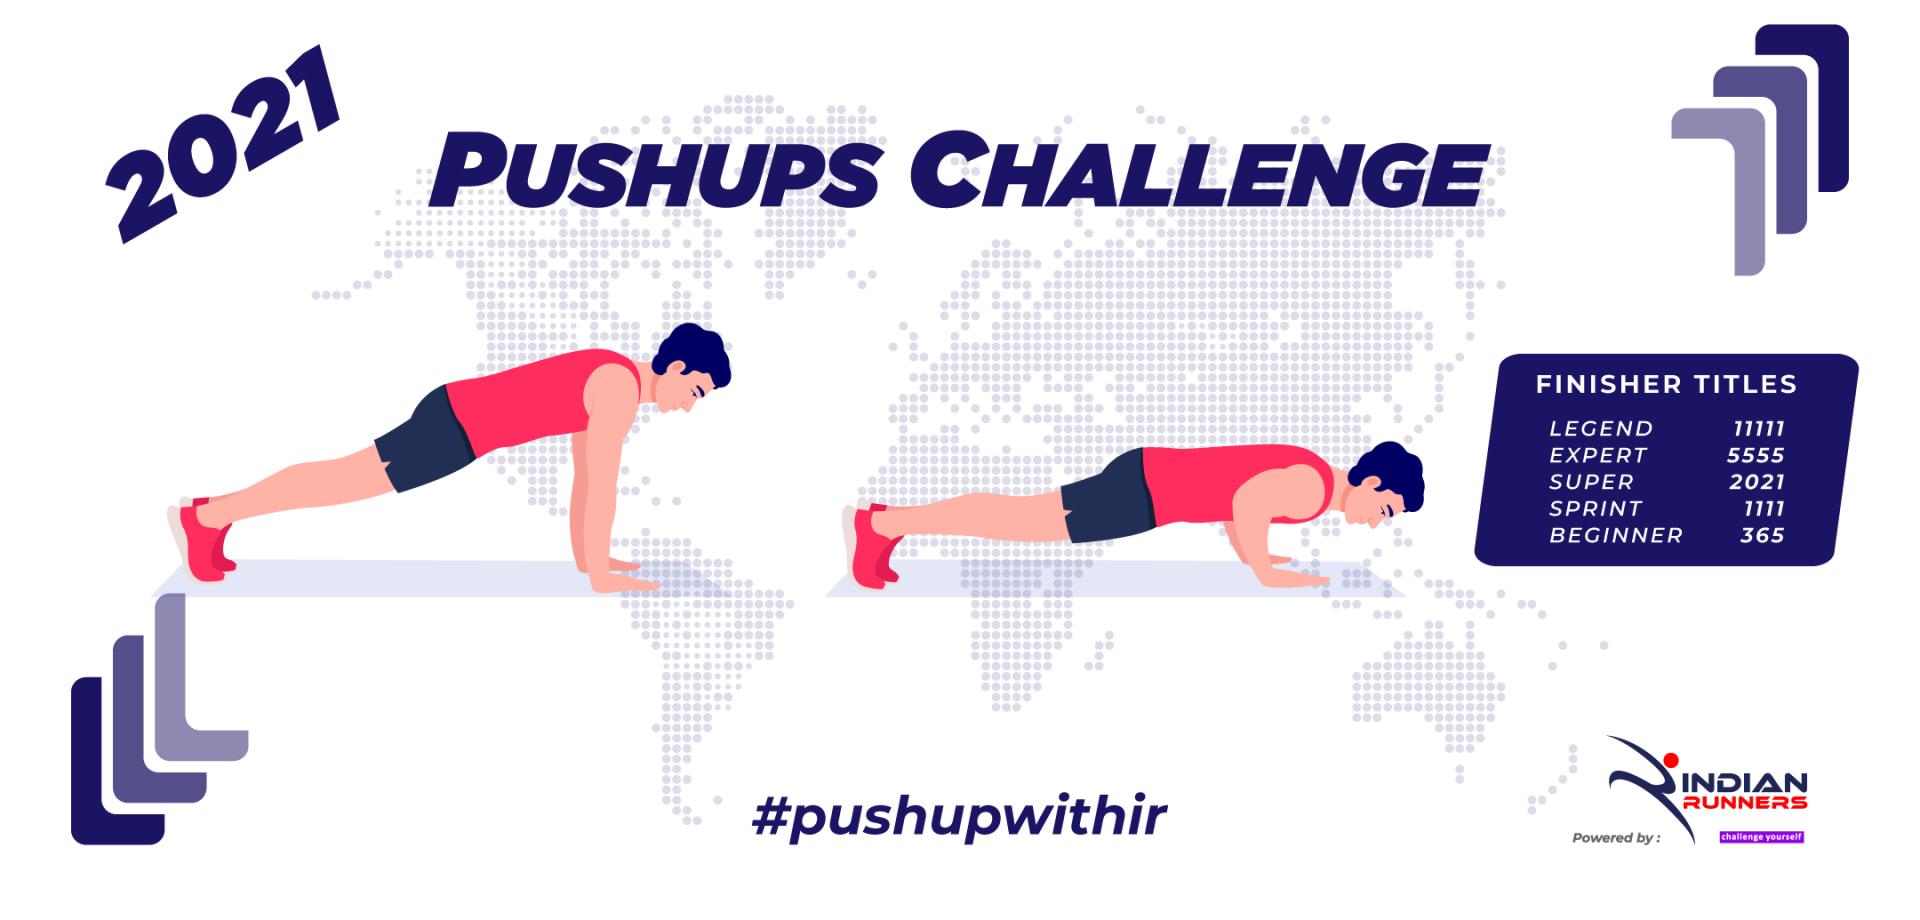 Pushups Challenge 2021 image